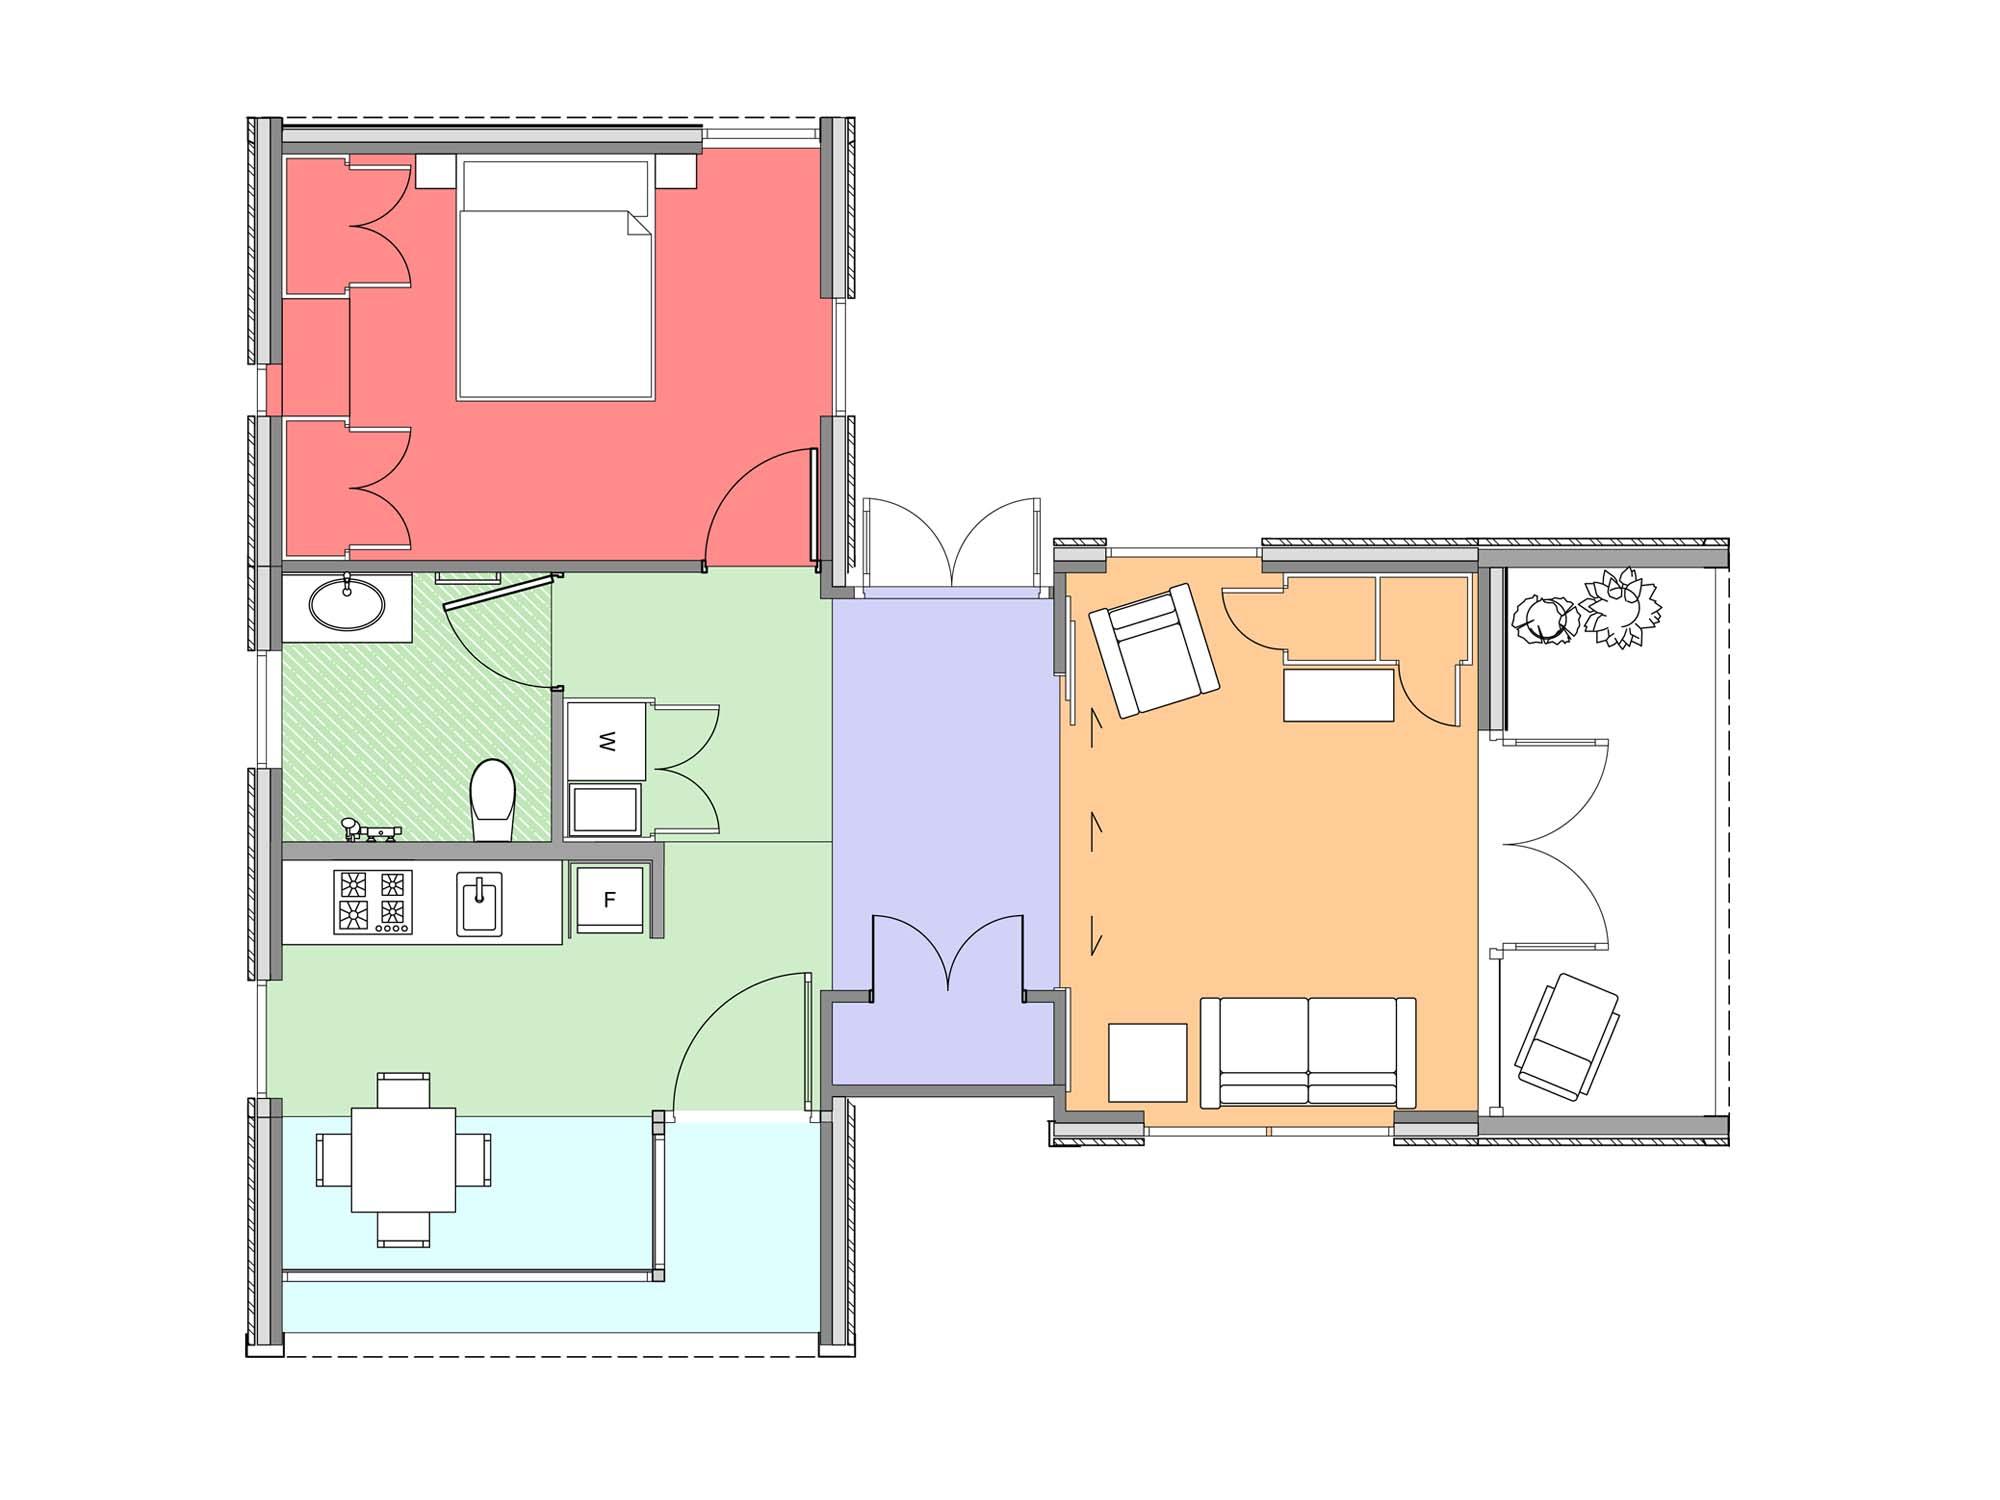 Plan of Te Whare-iti TWI 16